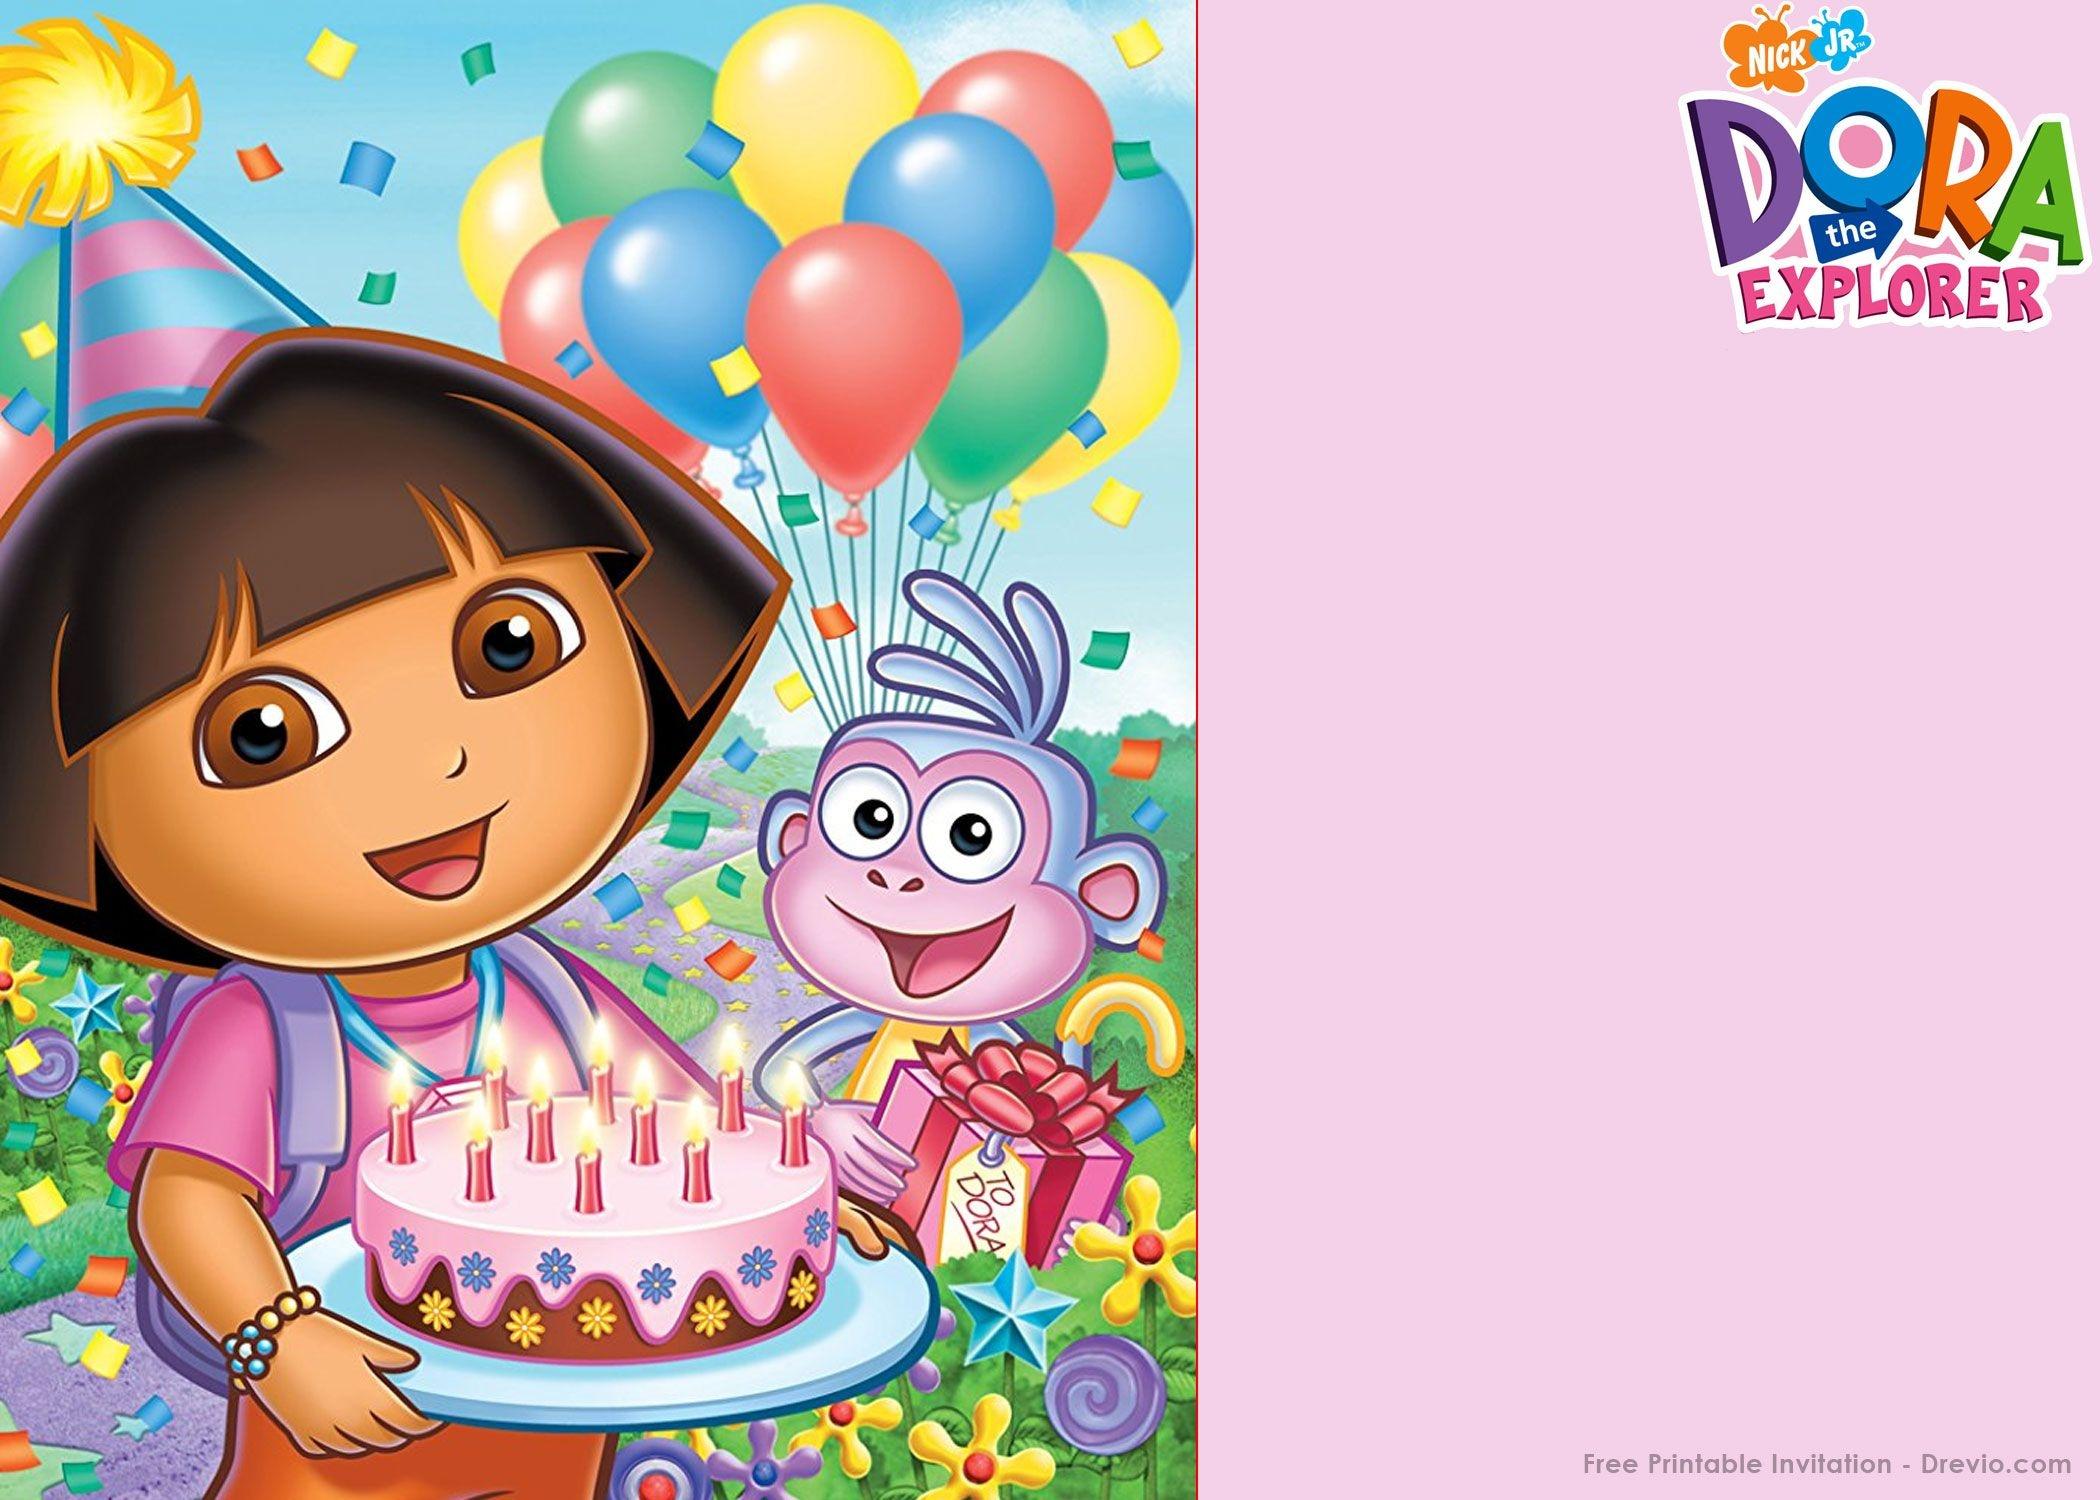 Free Printable Dora The Explorer Party Invitation | Birthday - Dora Birthday Cards Free Printable